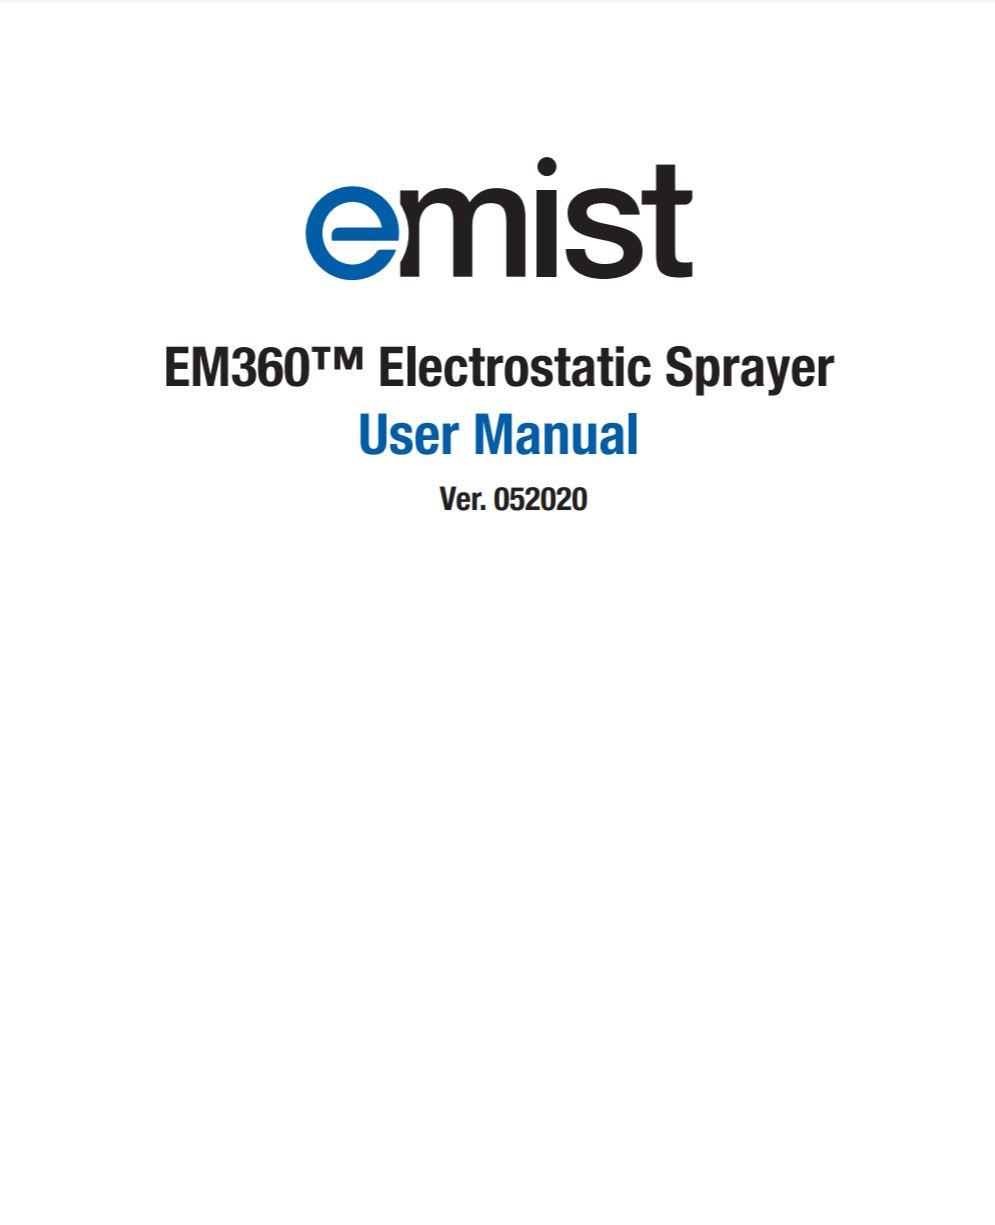 EMist EM60 User Manual PDF image thumbnail